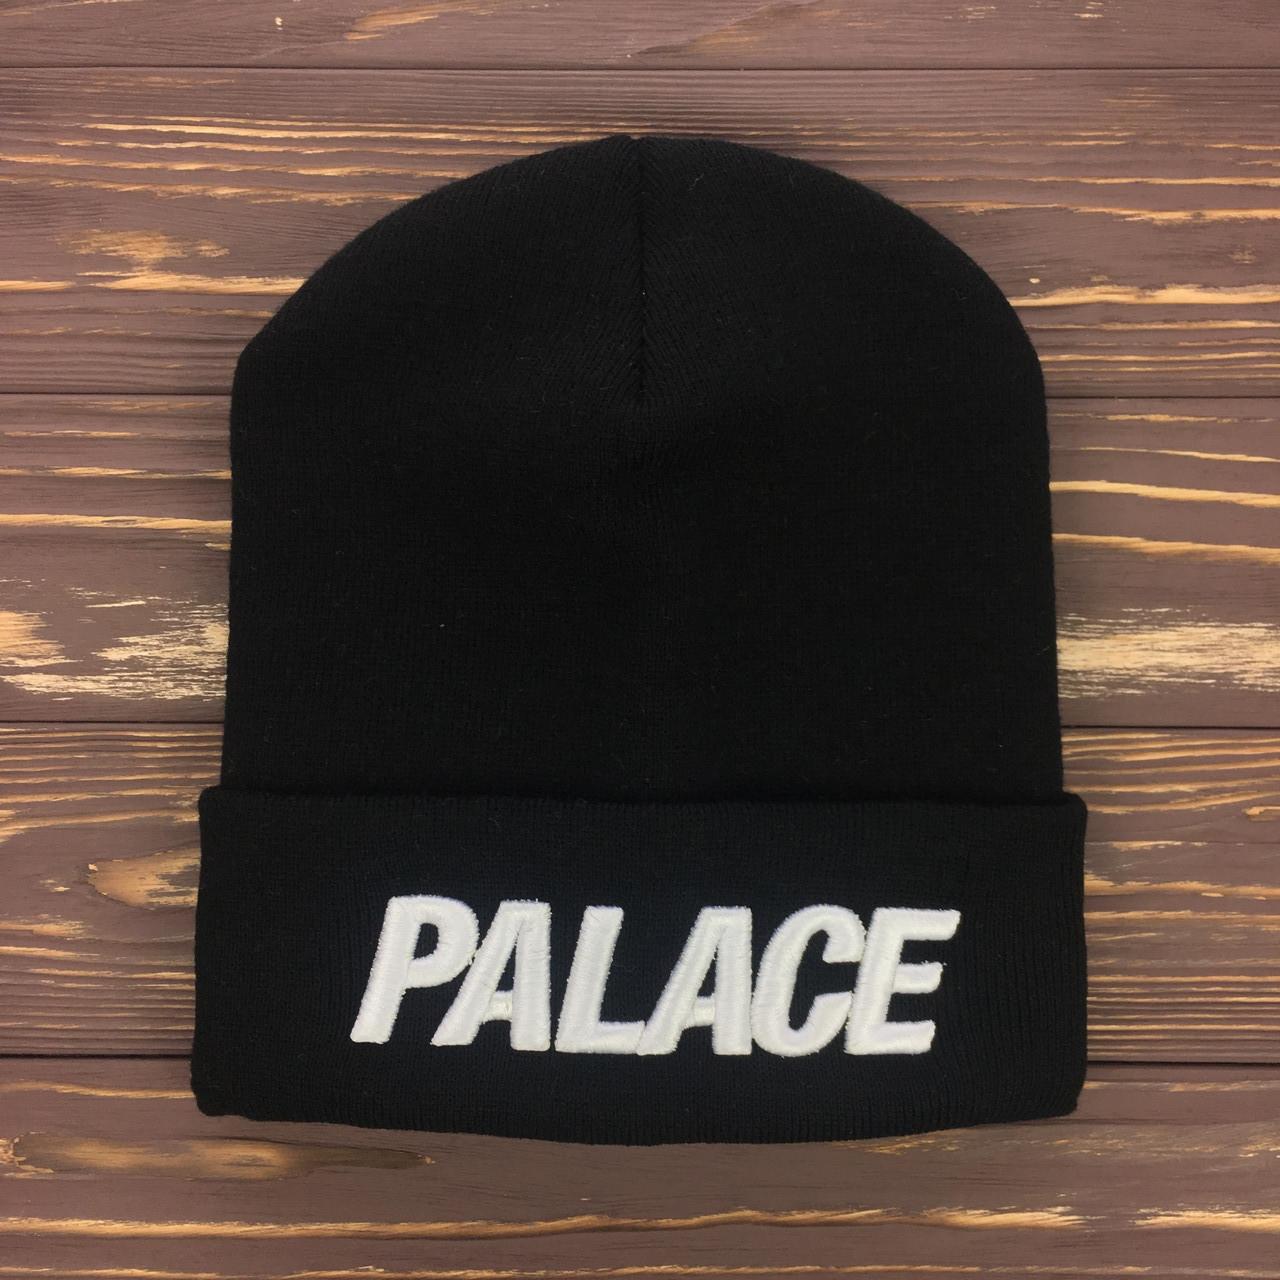 Шапка - Palace